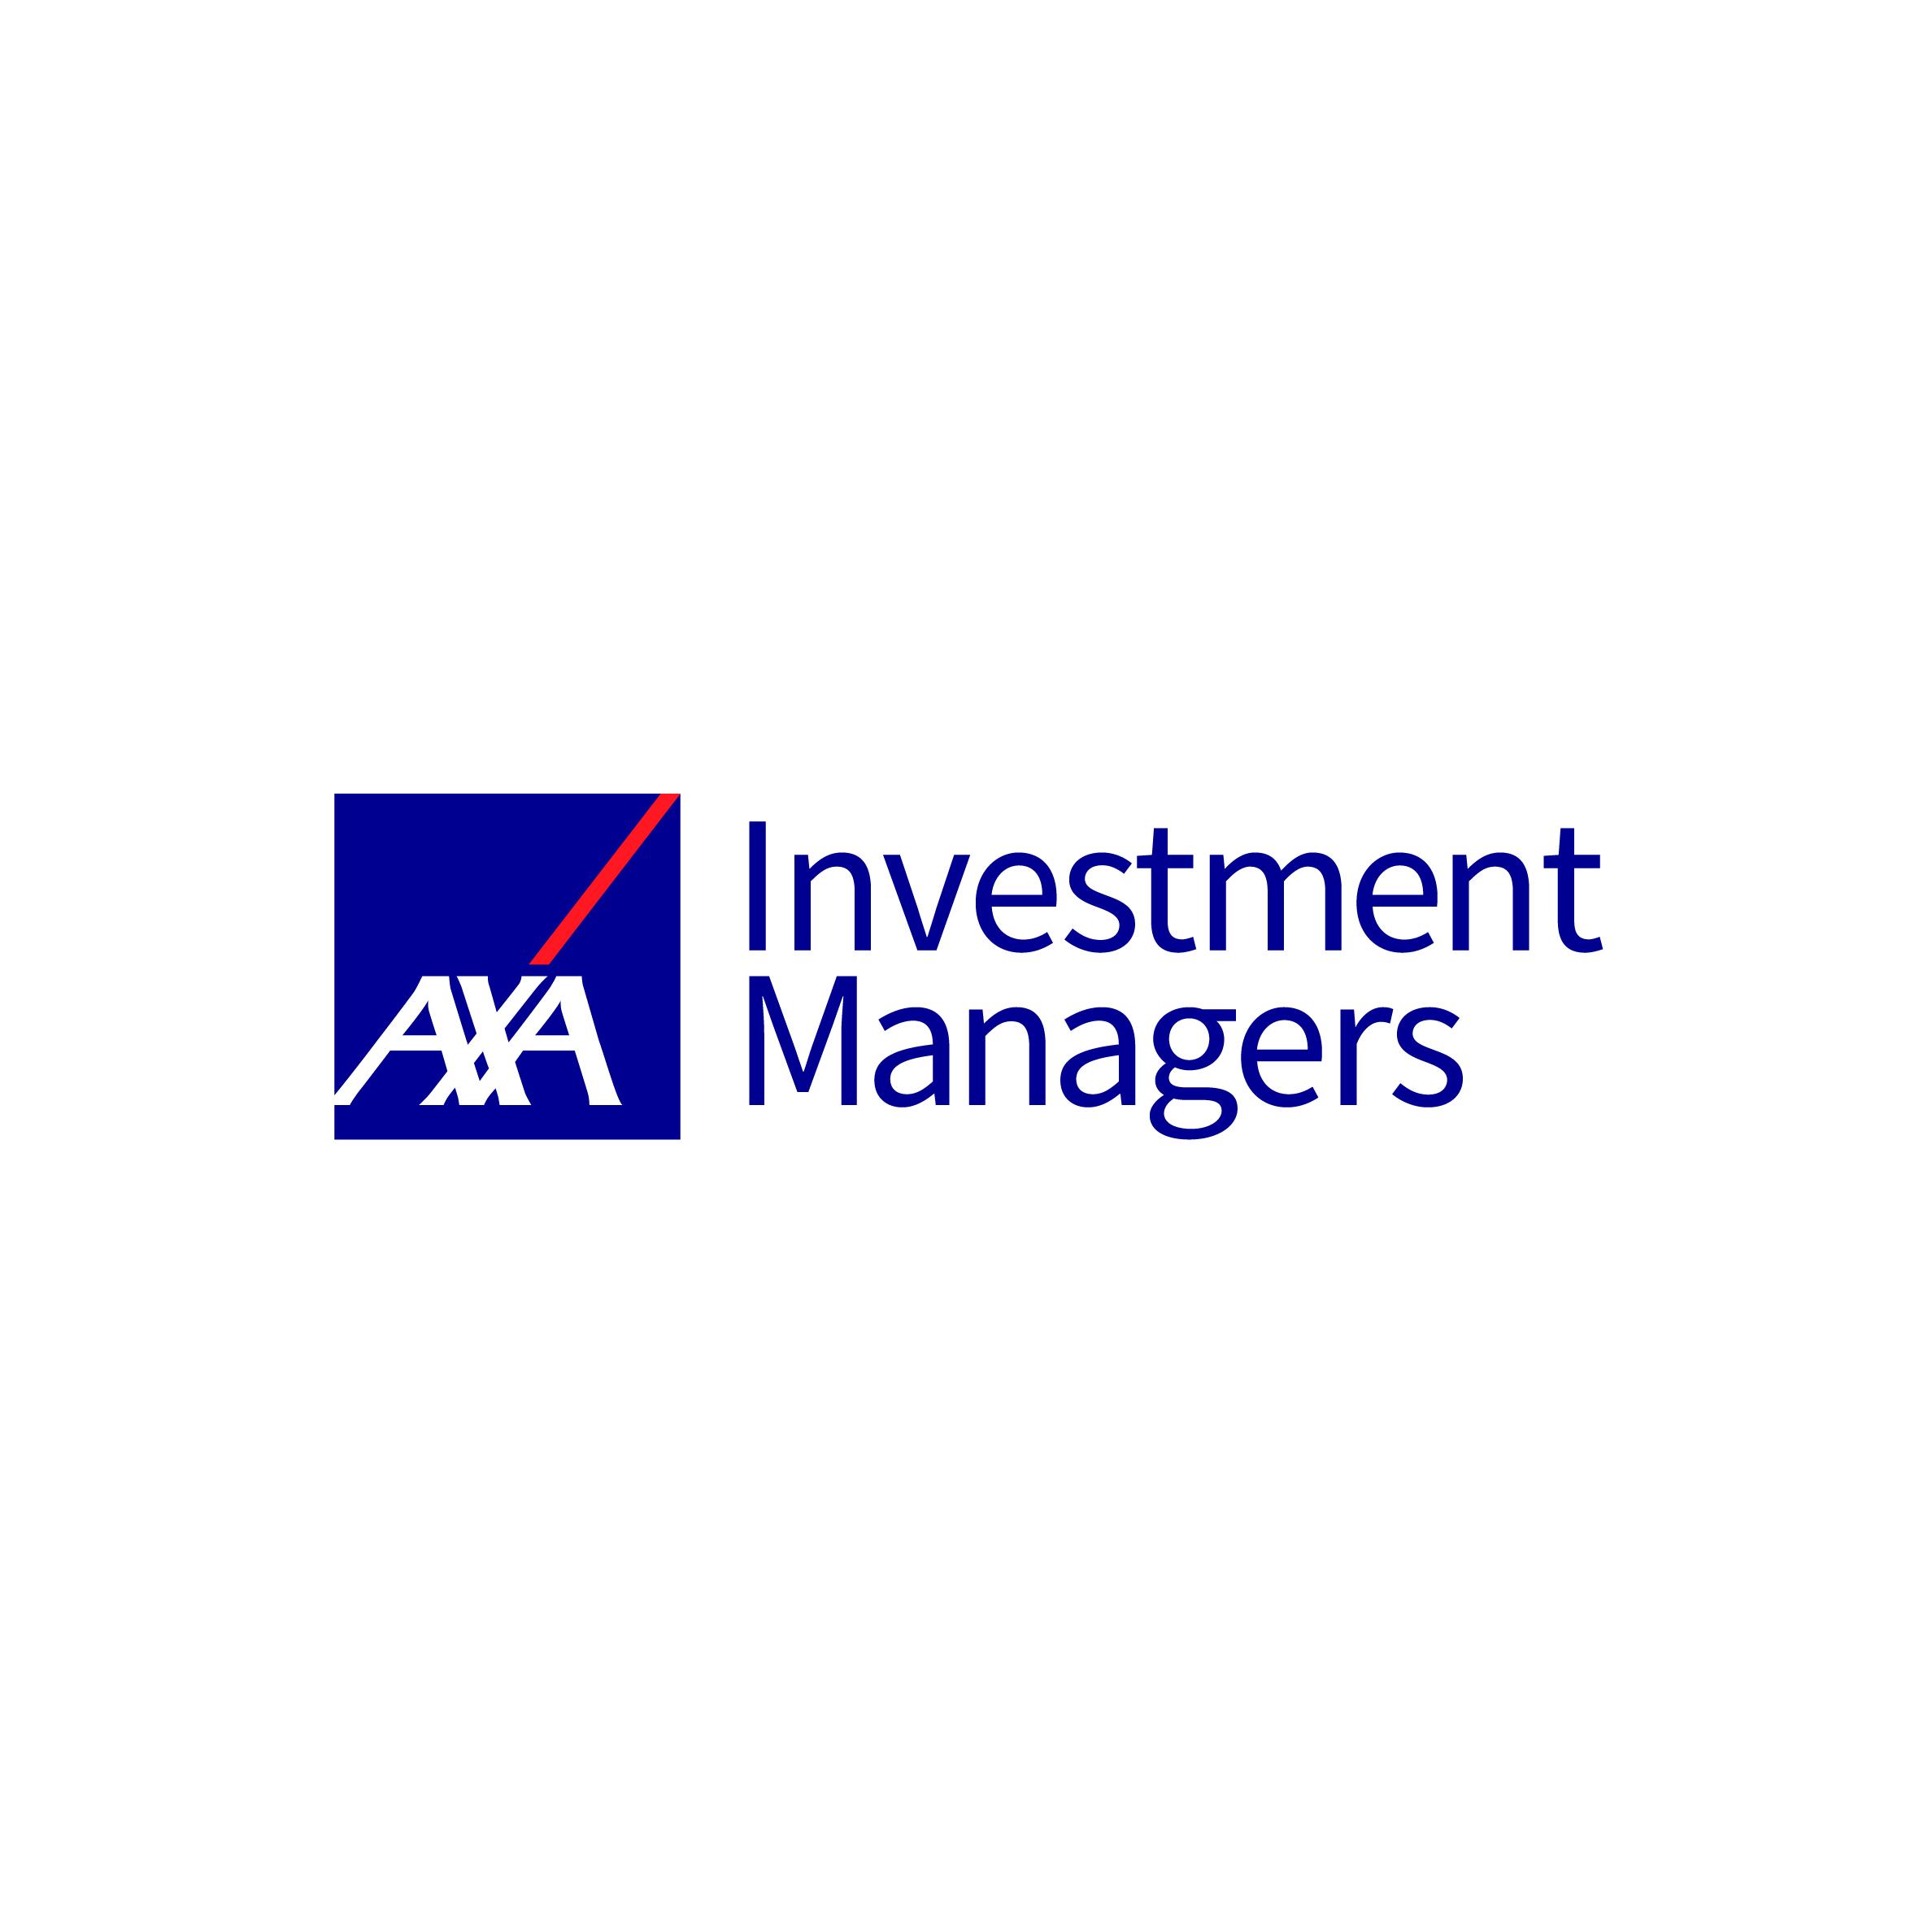 Partnerlogo AXA Investment Managers Deutschland GmbH